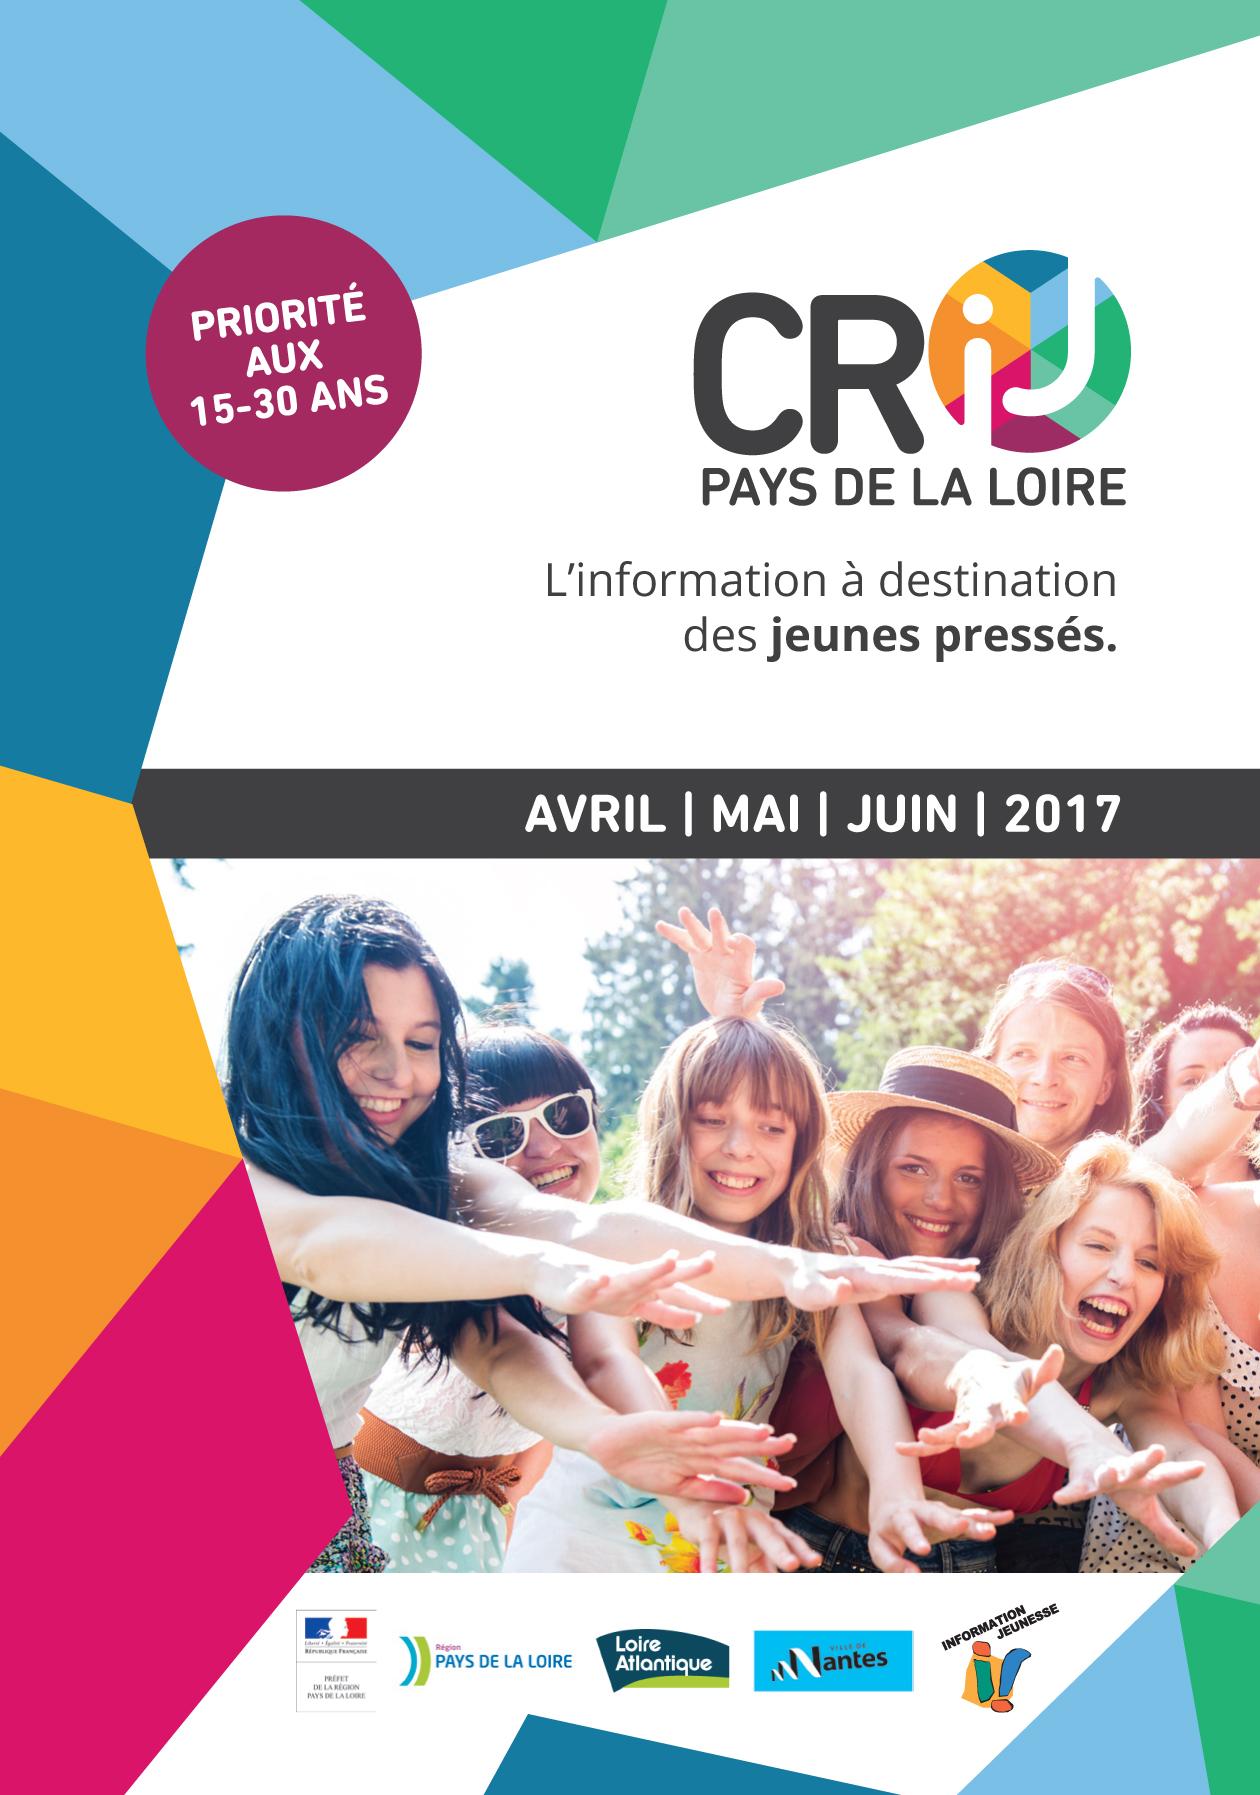 Programme d'animations au CRIJ de Nantes 2ème trimestre 2017